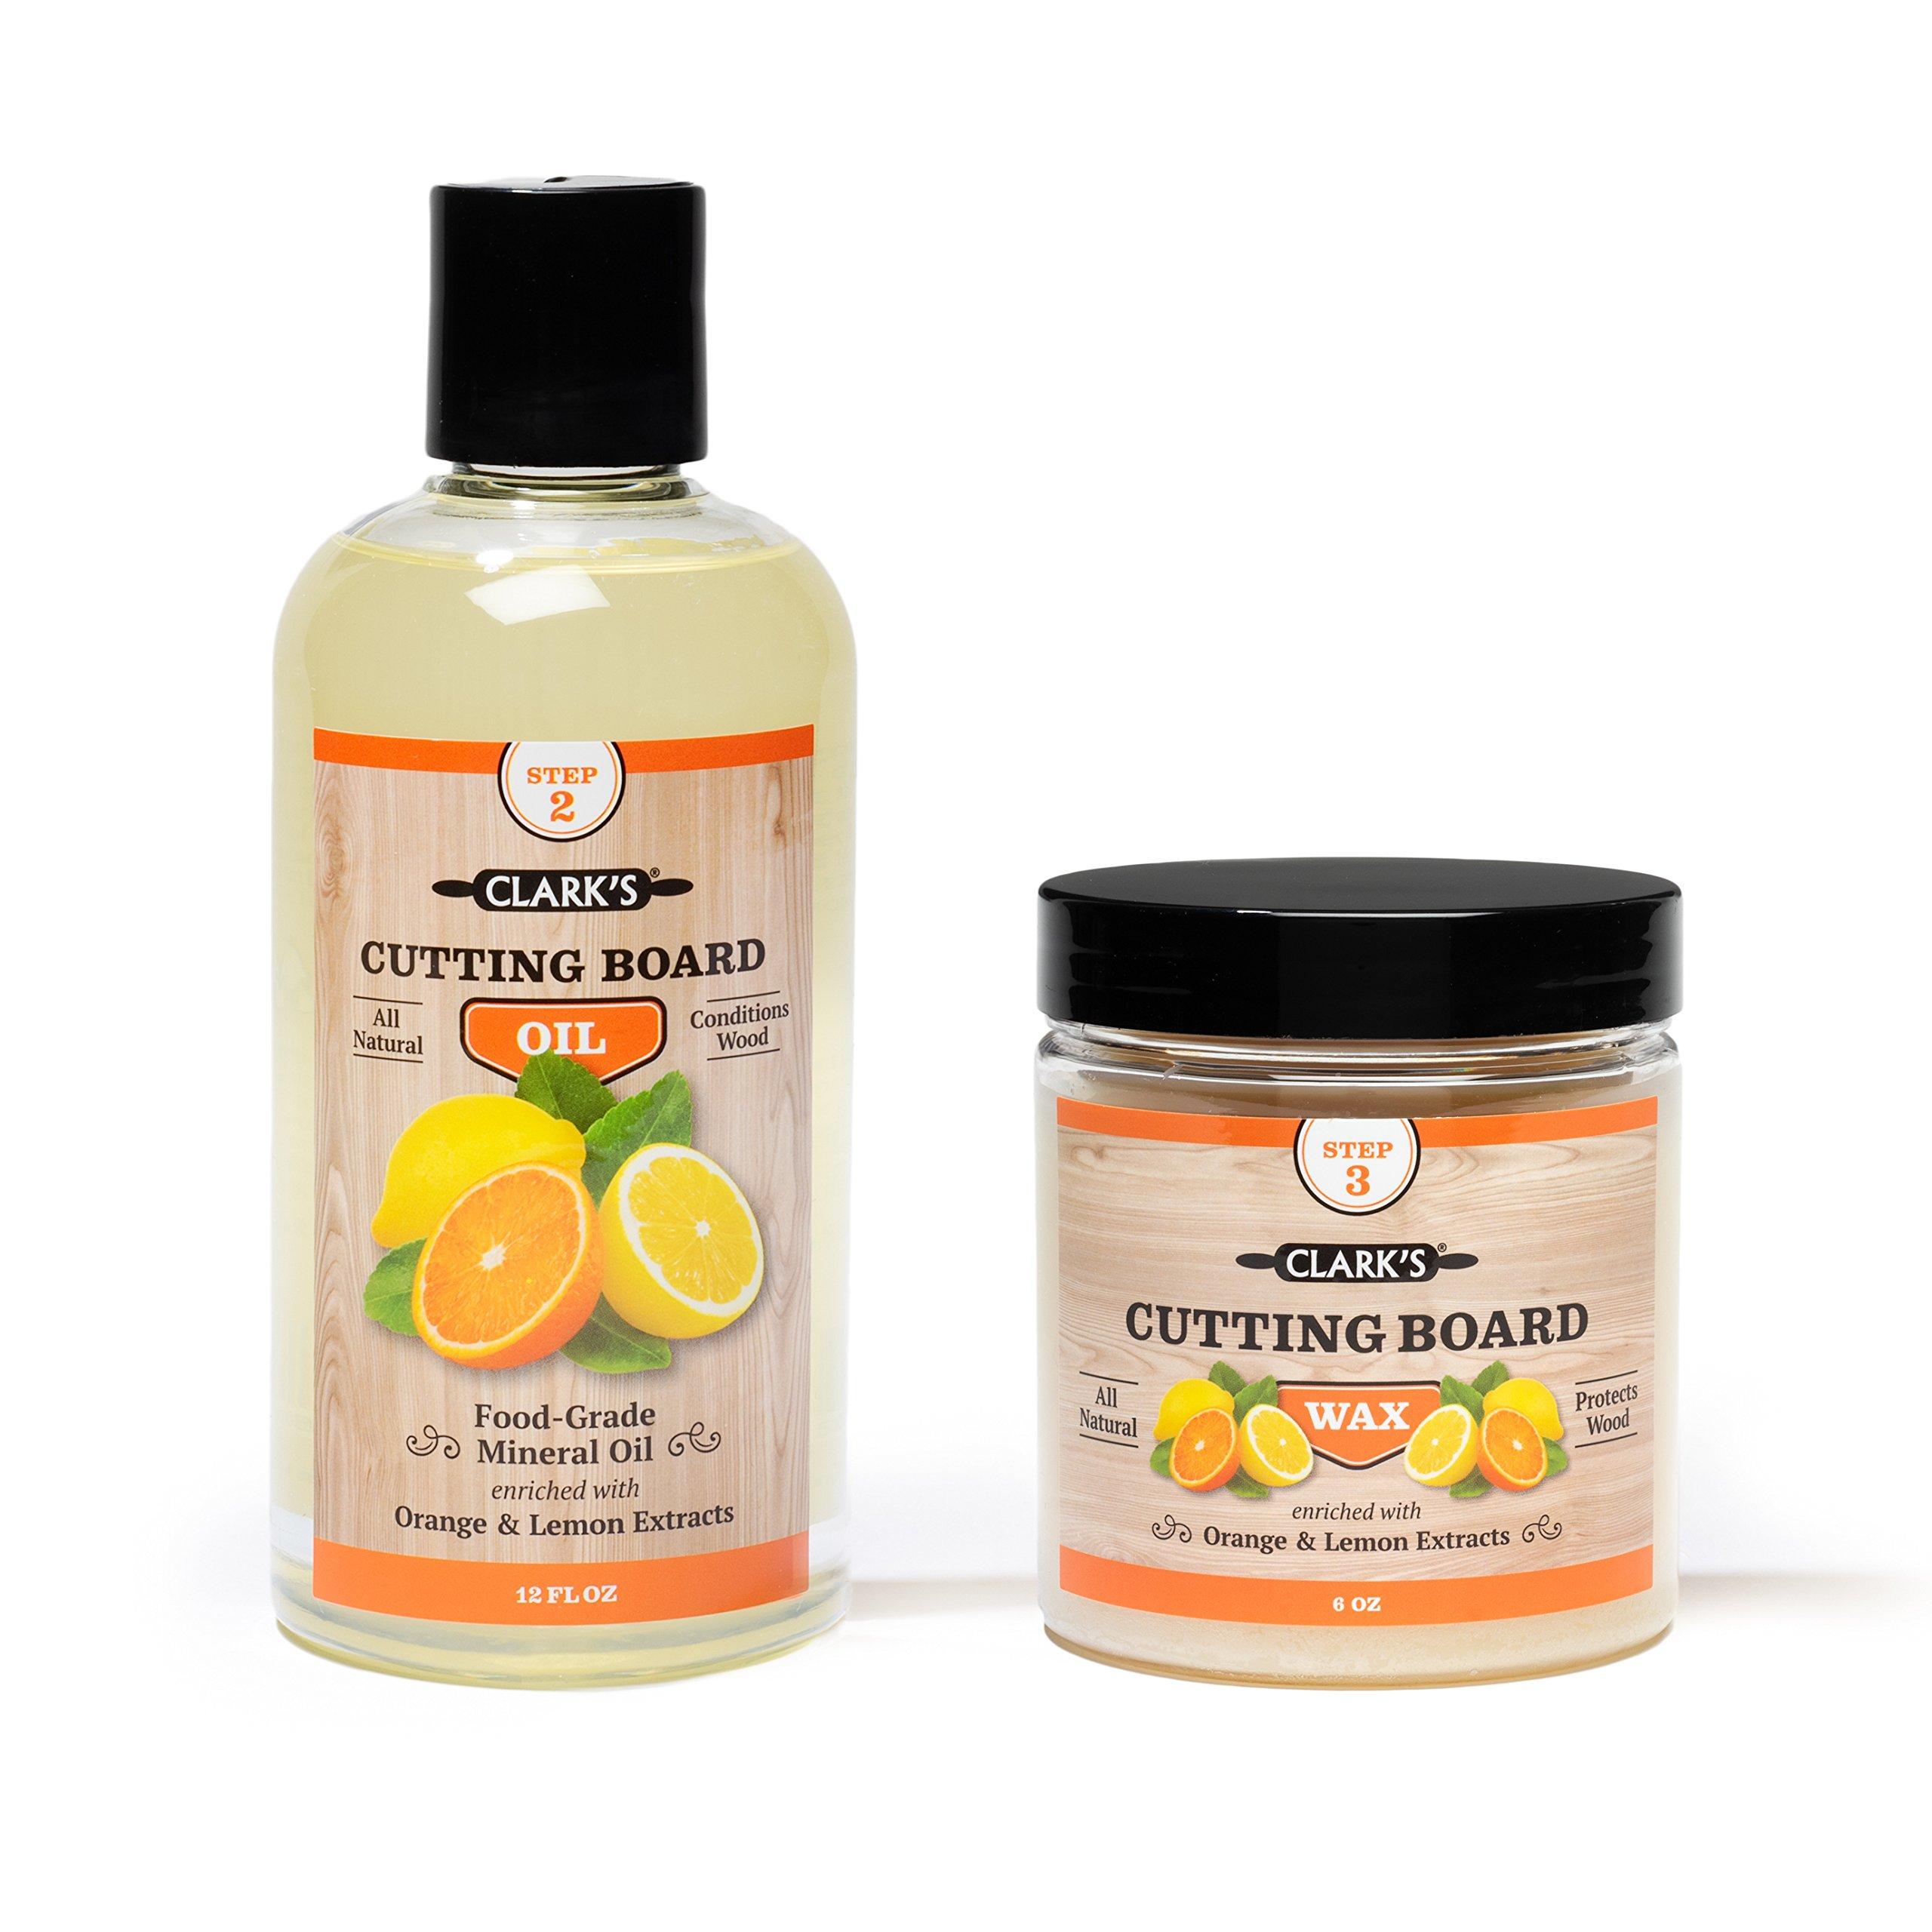 CLARK'S Cutting Board Oil & Wax (2 Bottle Set) | Includes CLARK'S Cutting Board Oil (12oz) & CLARK'S Finish Wax (6oz) | Orange & Lemon Scent by CLARKS